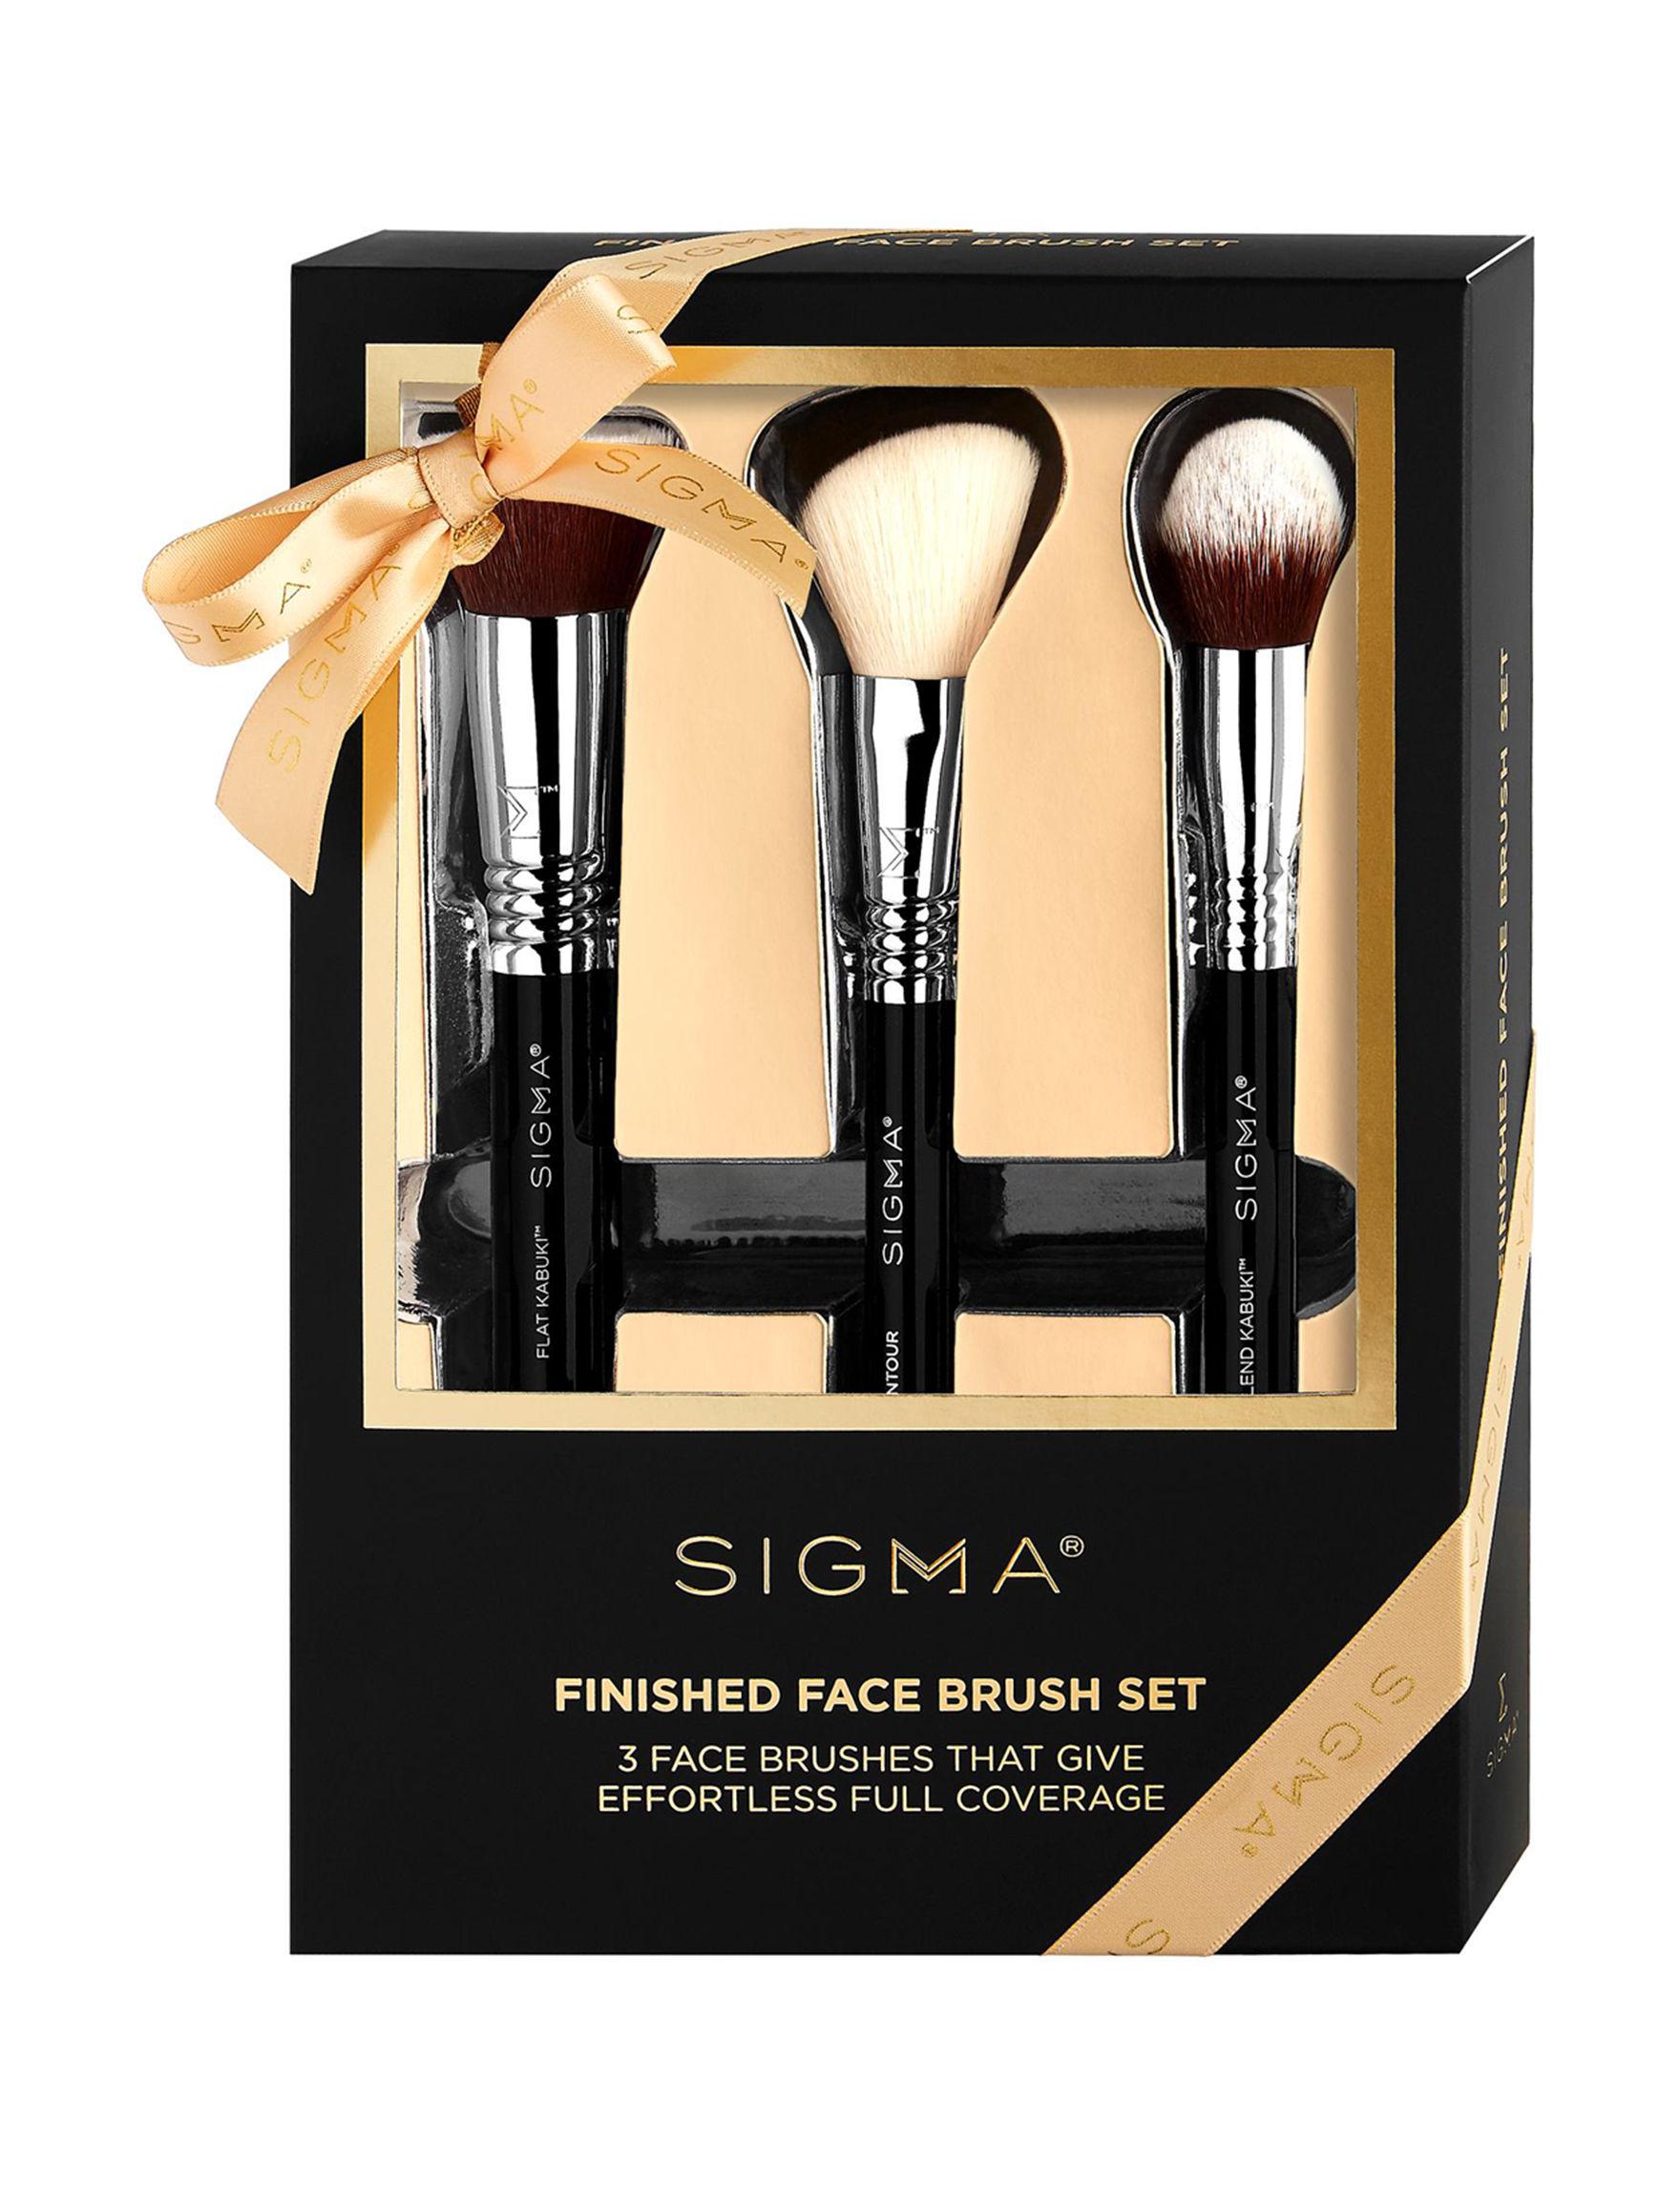 Sigma  Tools & Brushes Brush Sets